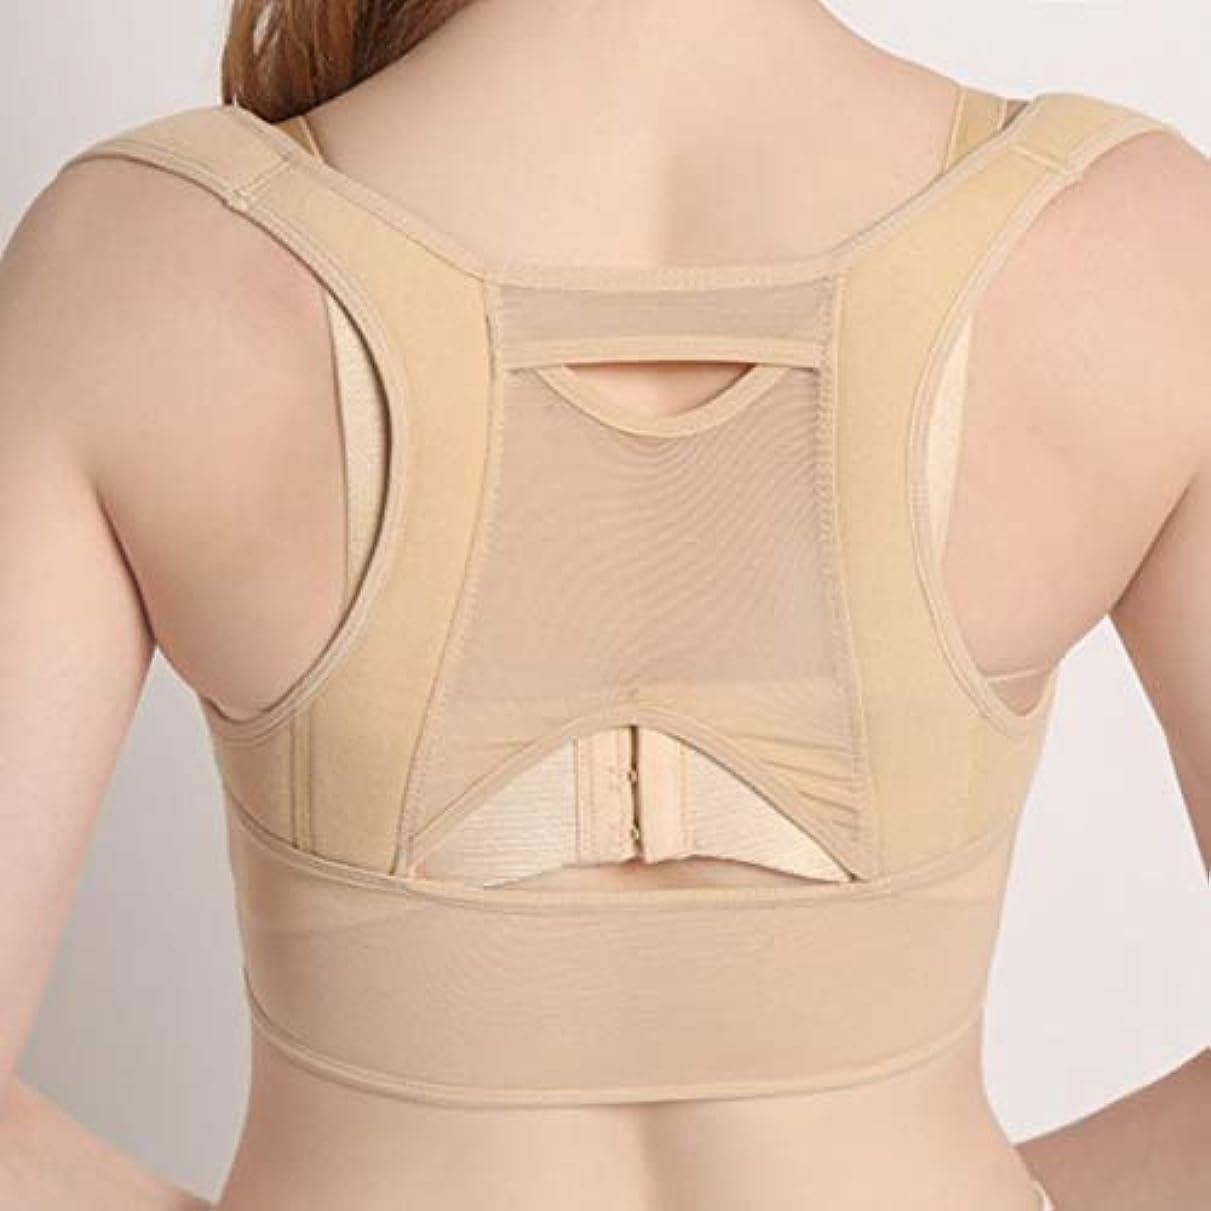 洗練された日食できればインターコアリーボディーコレクション 女性背部姿勢矯正コルセット整形外科肩こり脊椎姿勢矯正腰椎サポート